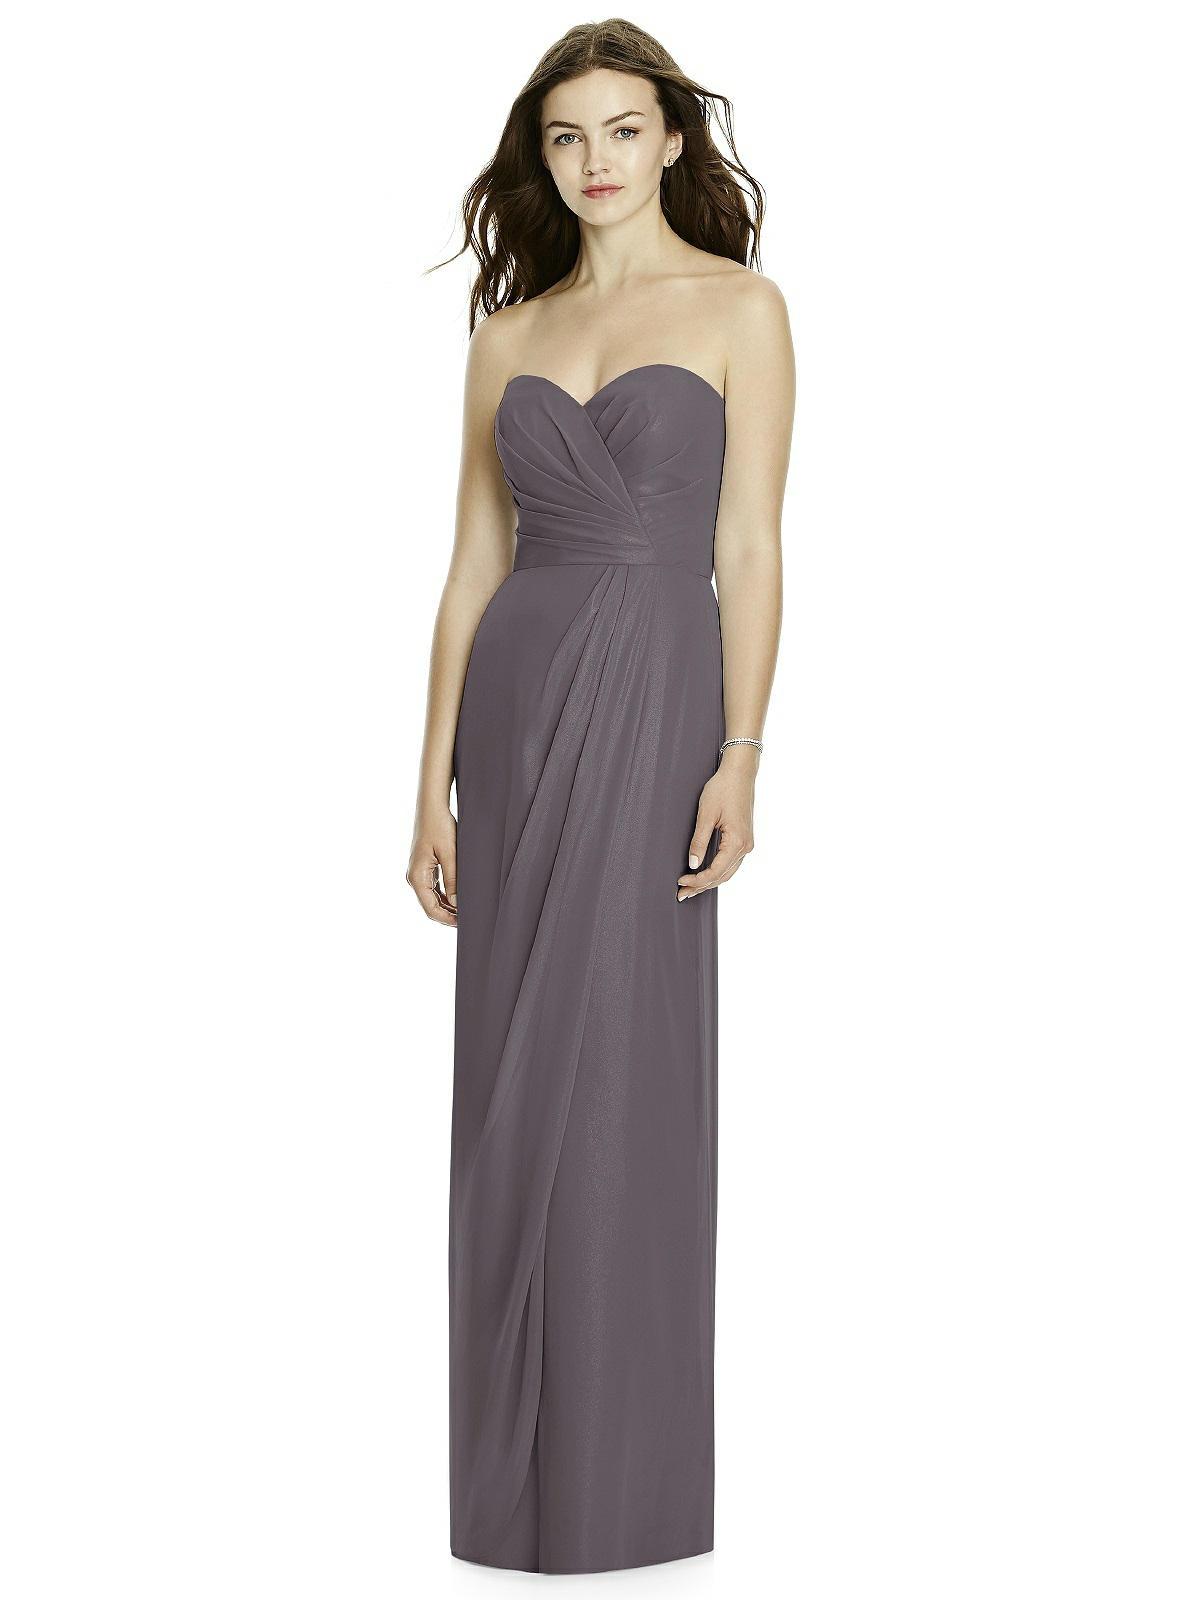 c9ada76d9e Dessy for Bella Bridesmaids